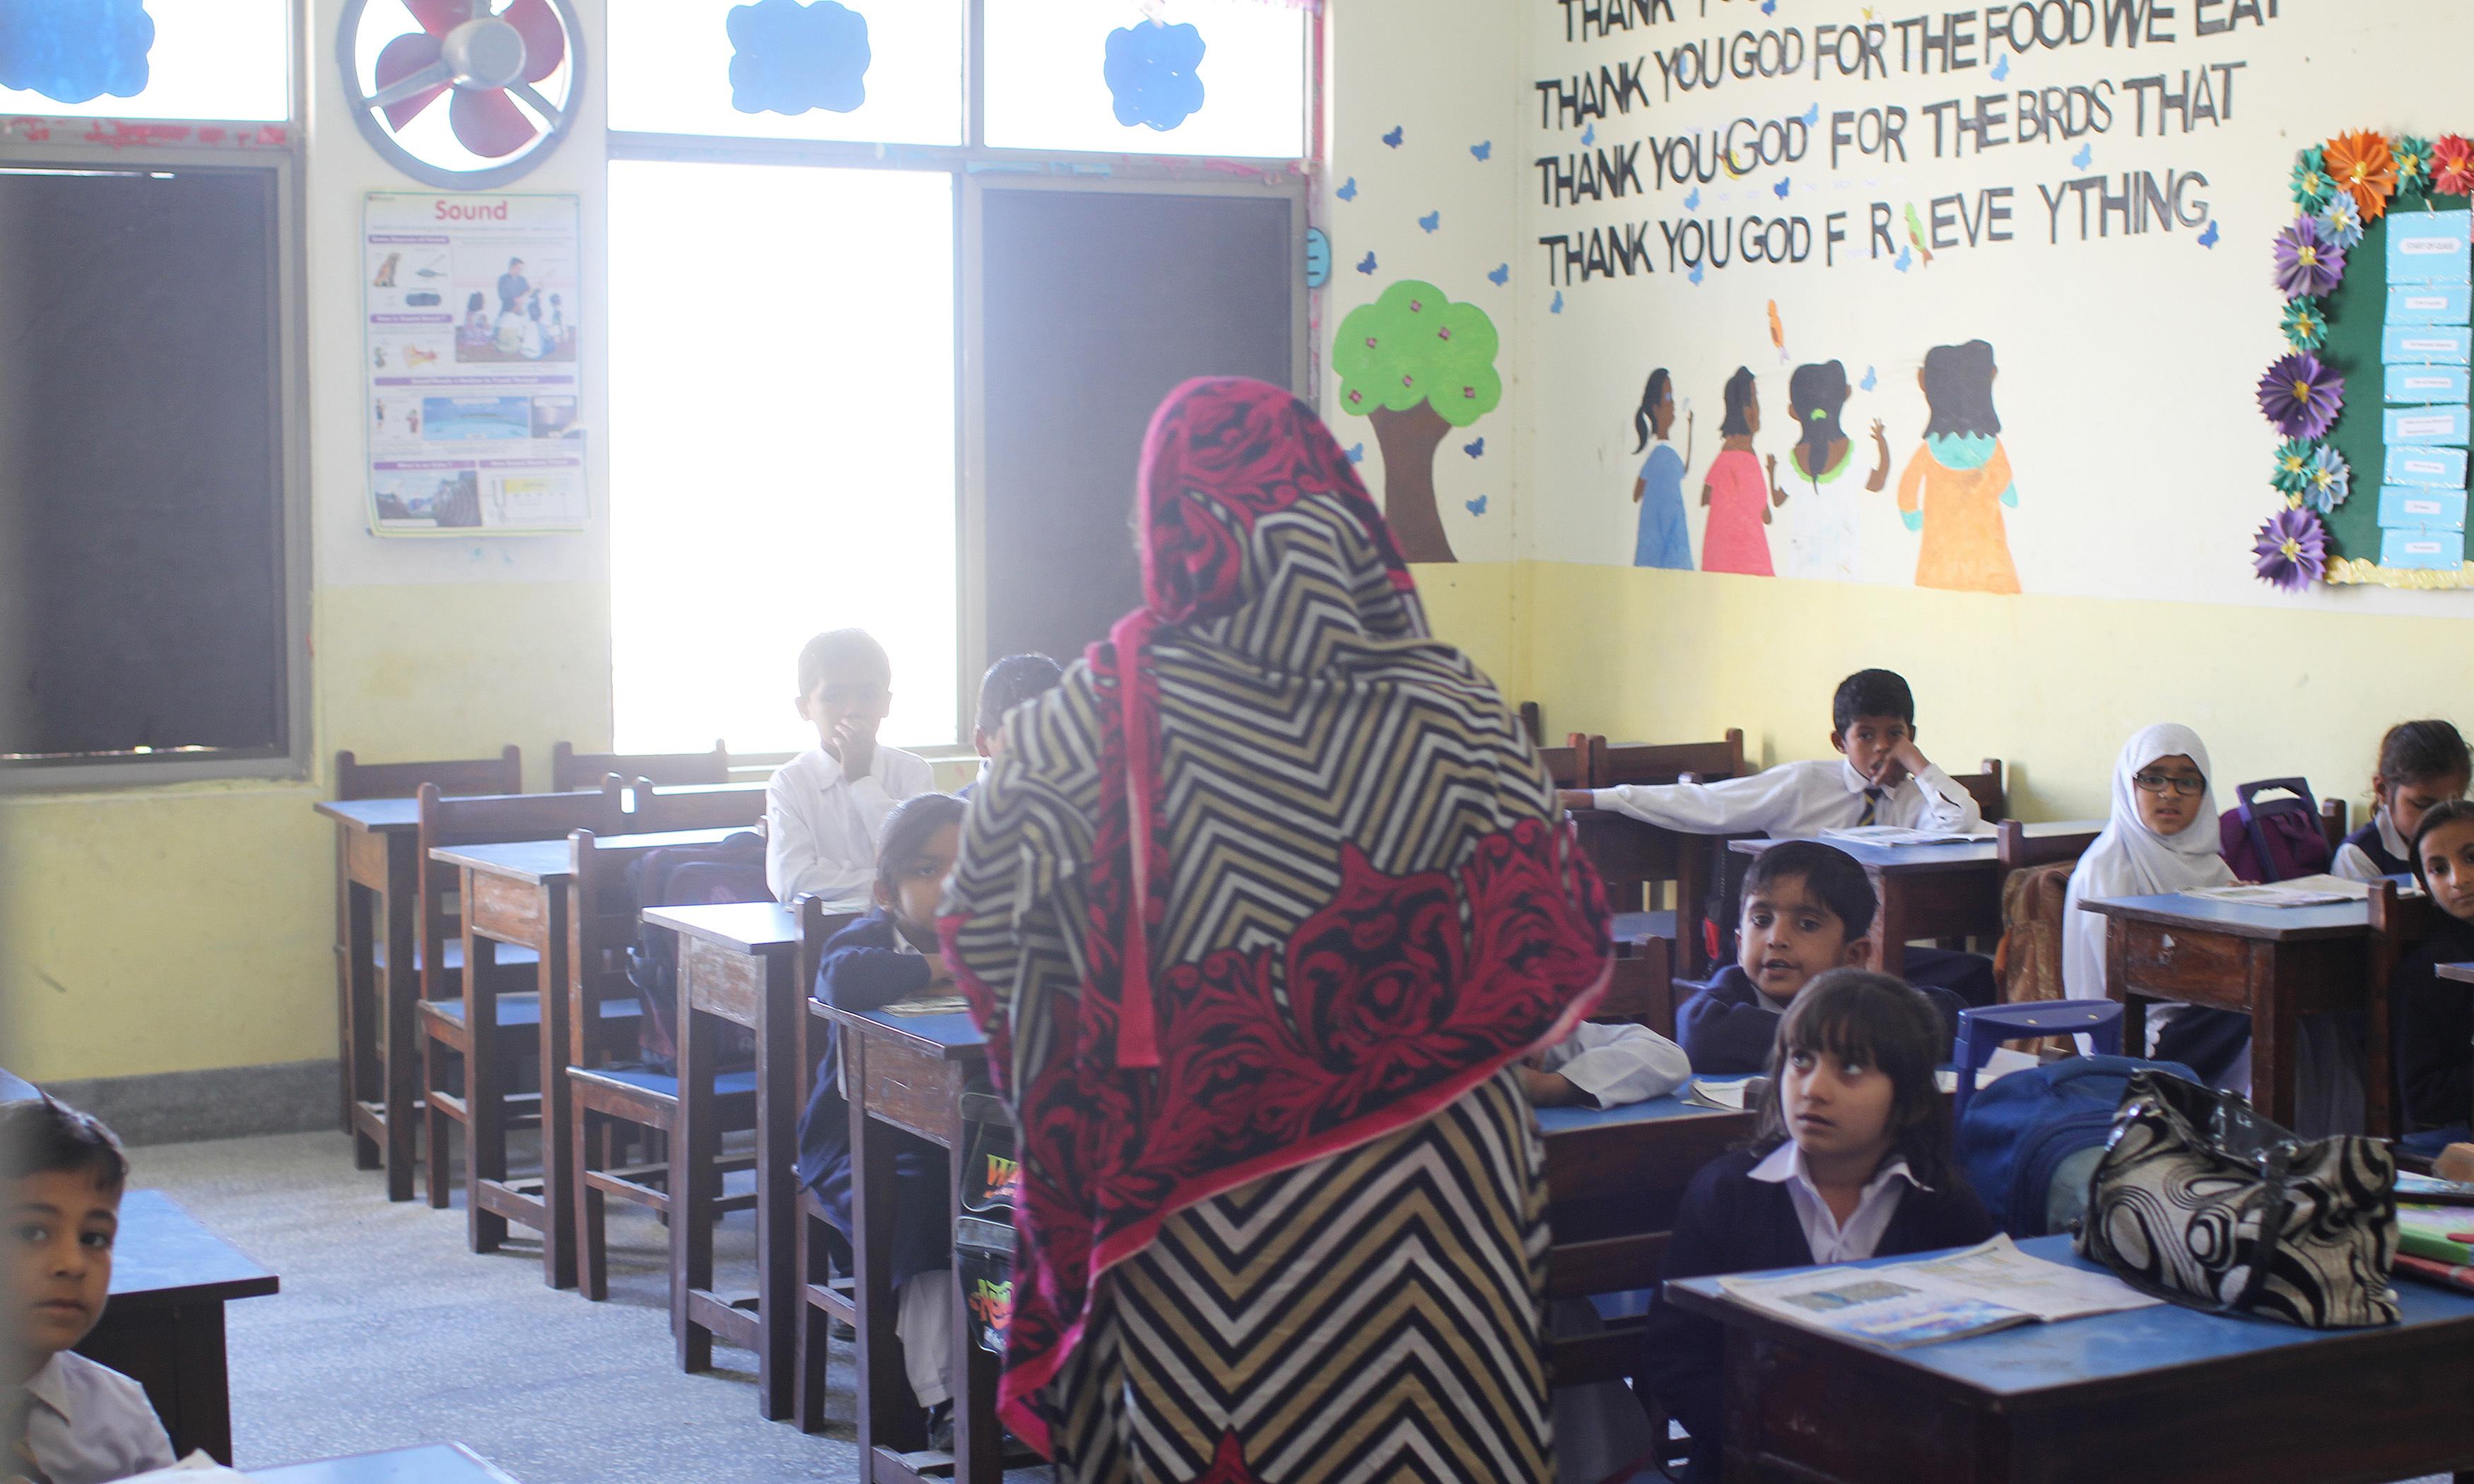 نیوی کے زیر اہتمام اسکول میں مقامی بچوں کو برابر مواقع کے ساتھ معیاری تعلیم فراہم کی جاتی ہے۔